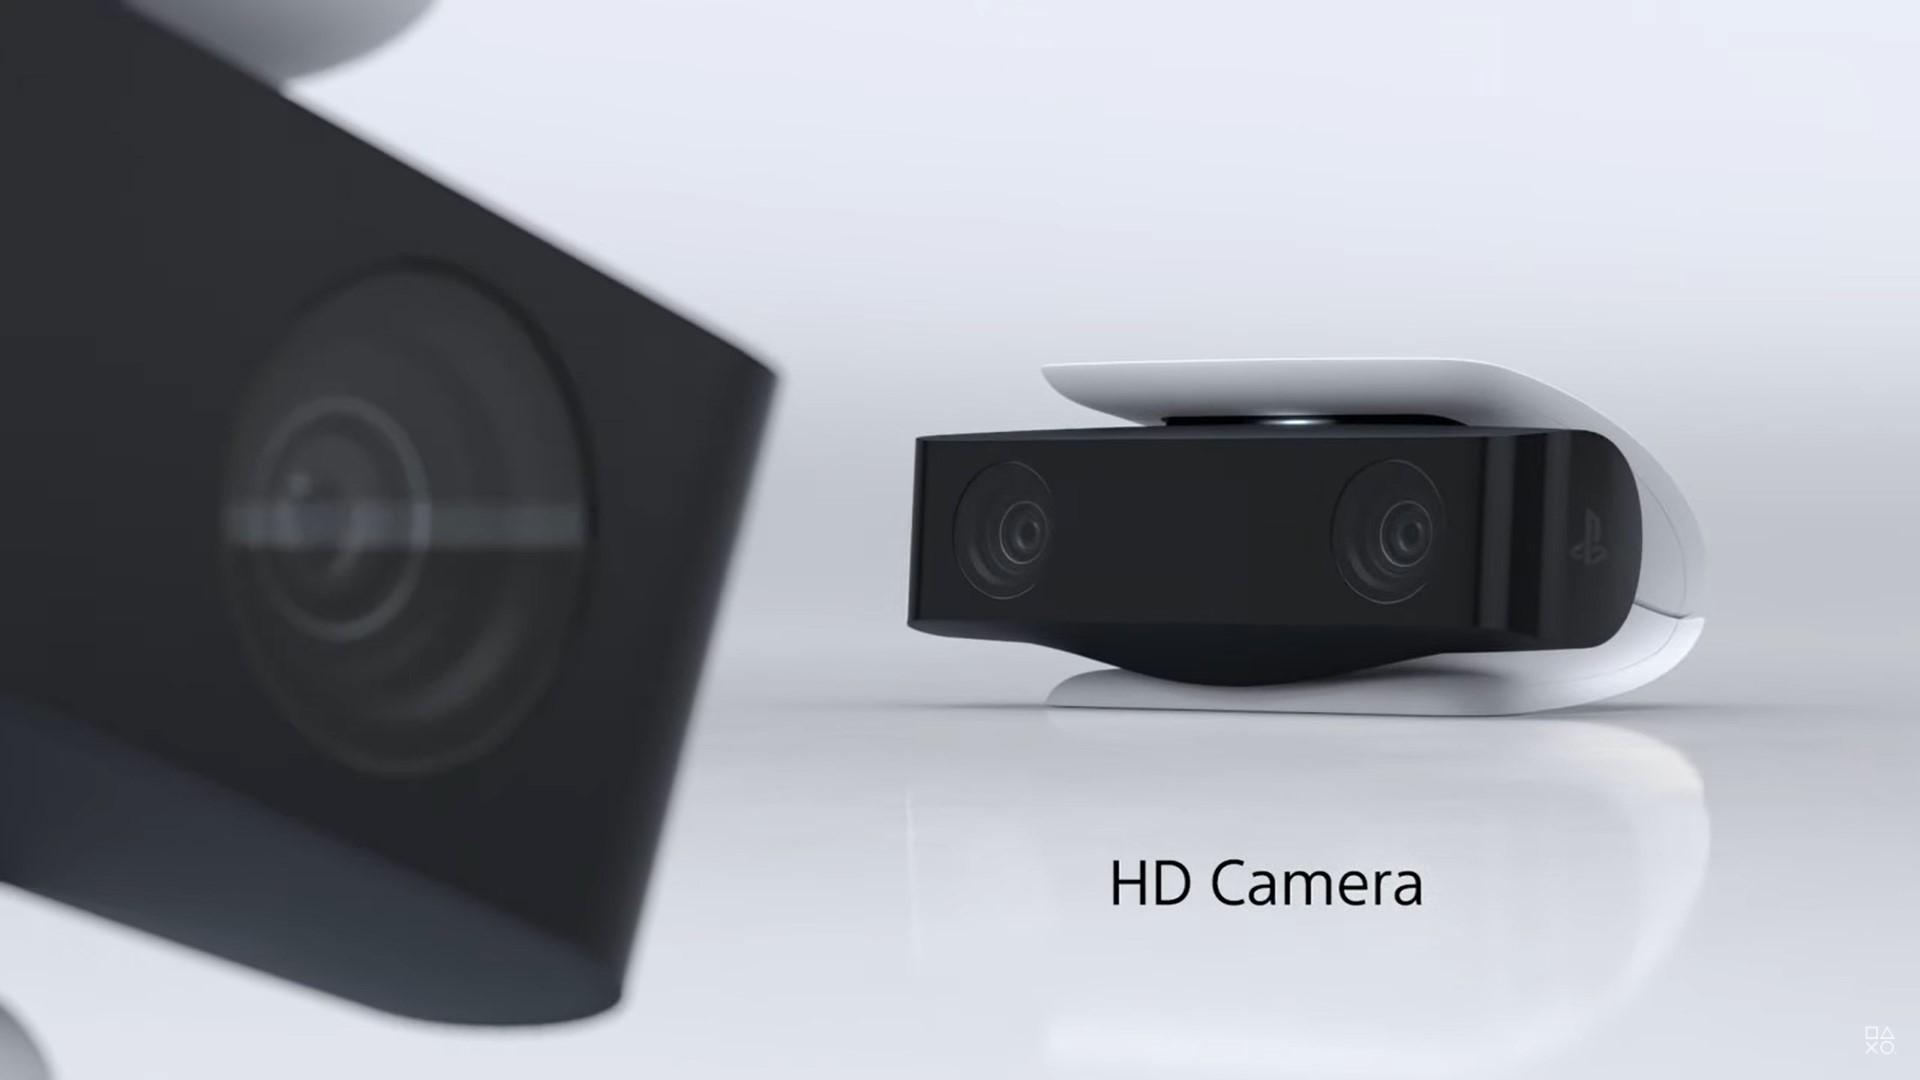 PS5 HD camera